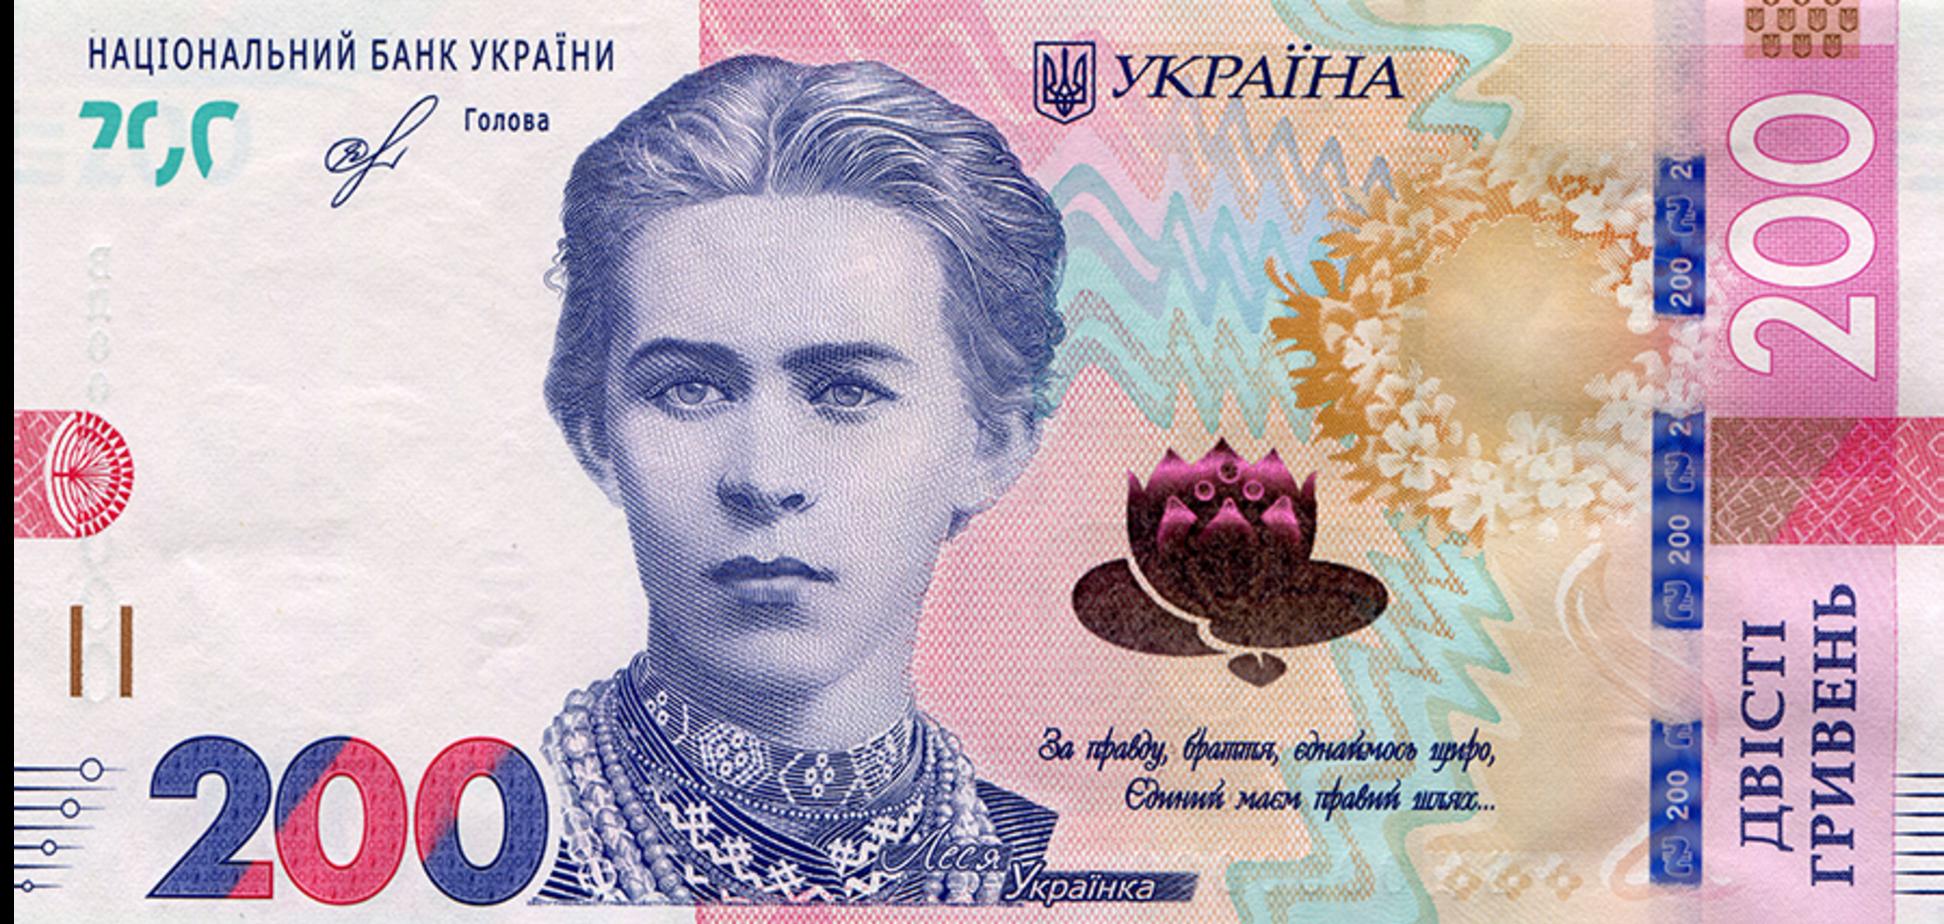 НБУ введет новые 200 грн: фото и видео банкноты